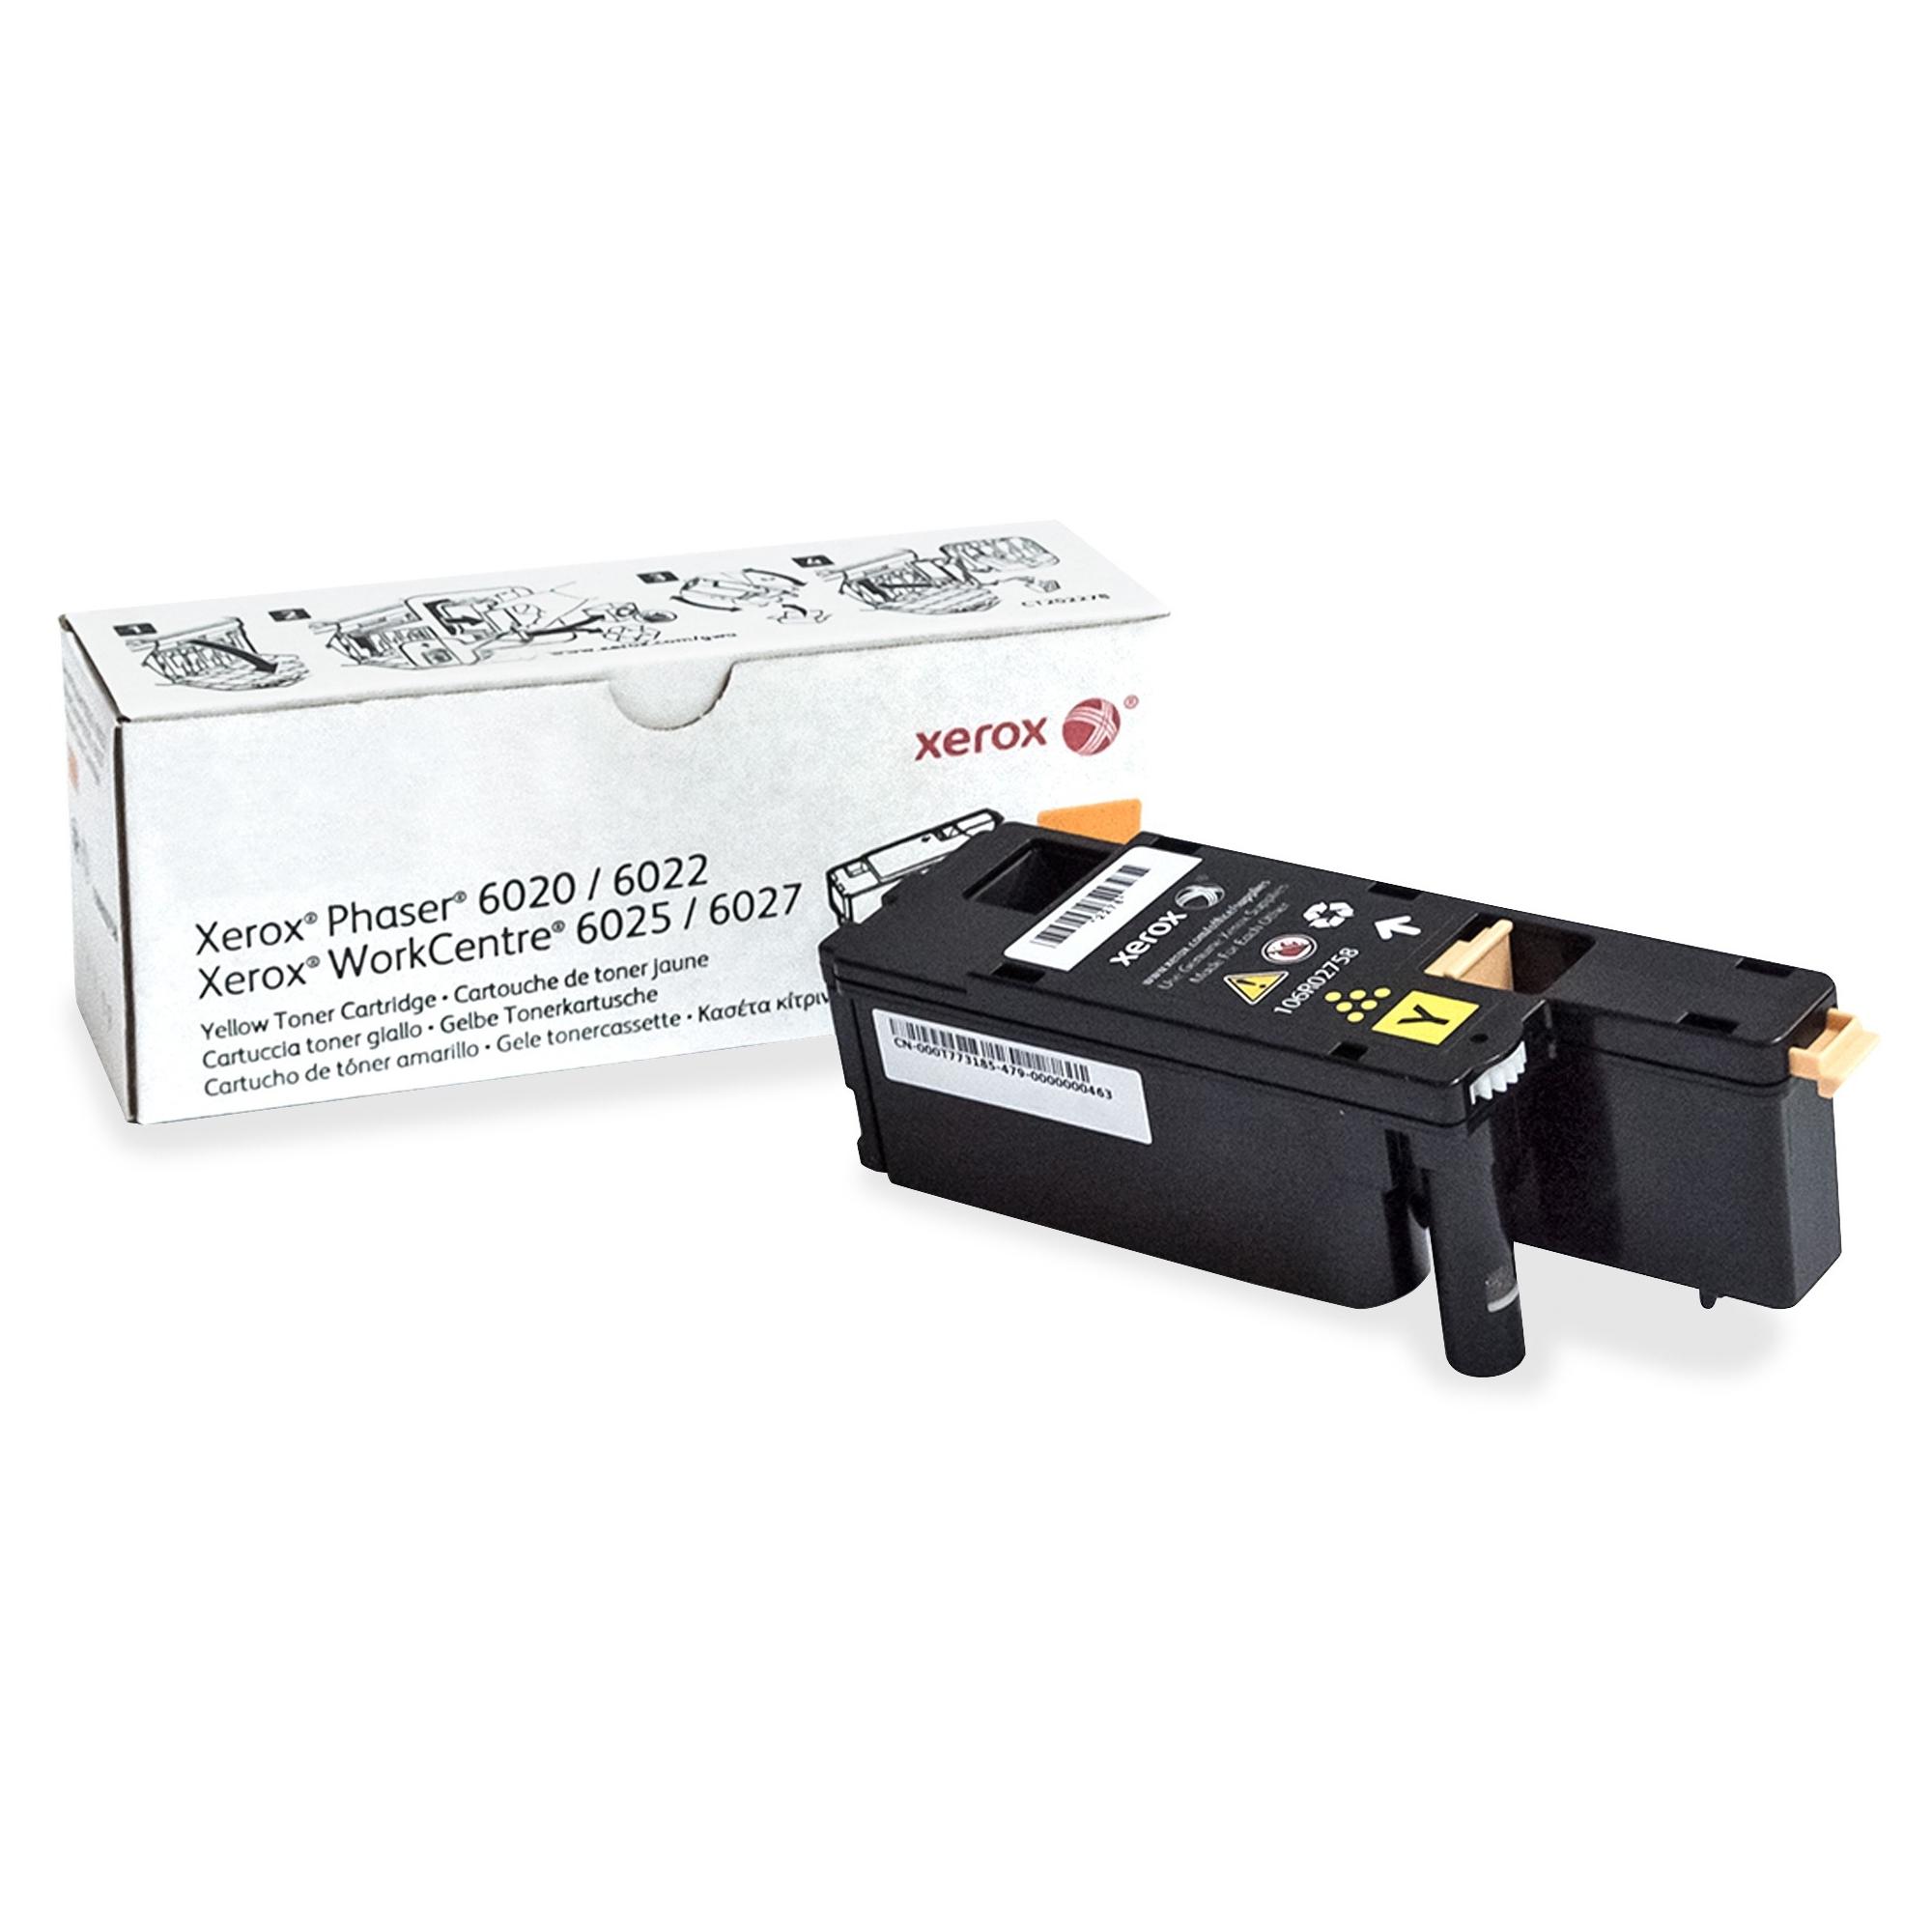 WorkCentre 6027 - Yellow - original - toner cartridge - for Phaser 6020V_BI 6022/NI 6022V_NI WorkCentre 6025V_BI 6027/NI 6027V_NI